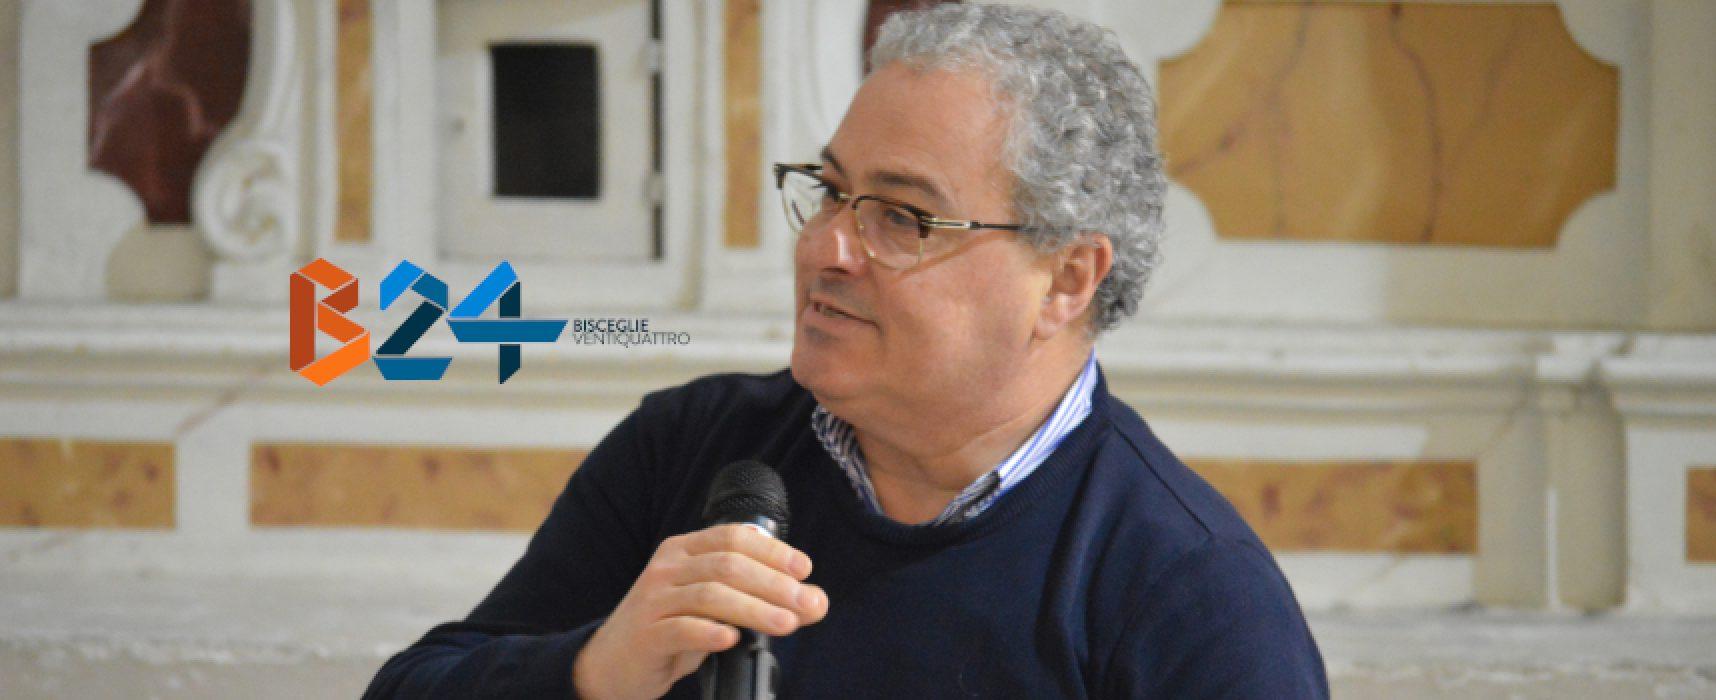 """Francesco Napoletano su chiusura Arco Priore: """"Comune rimuova barriere in legno"""""""